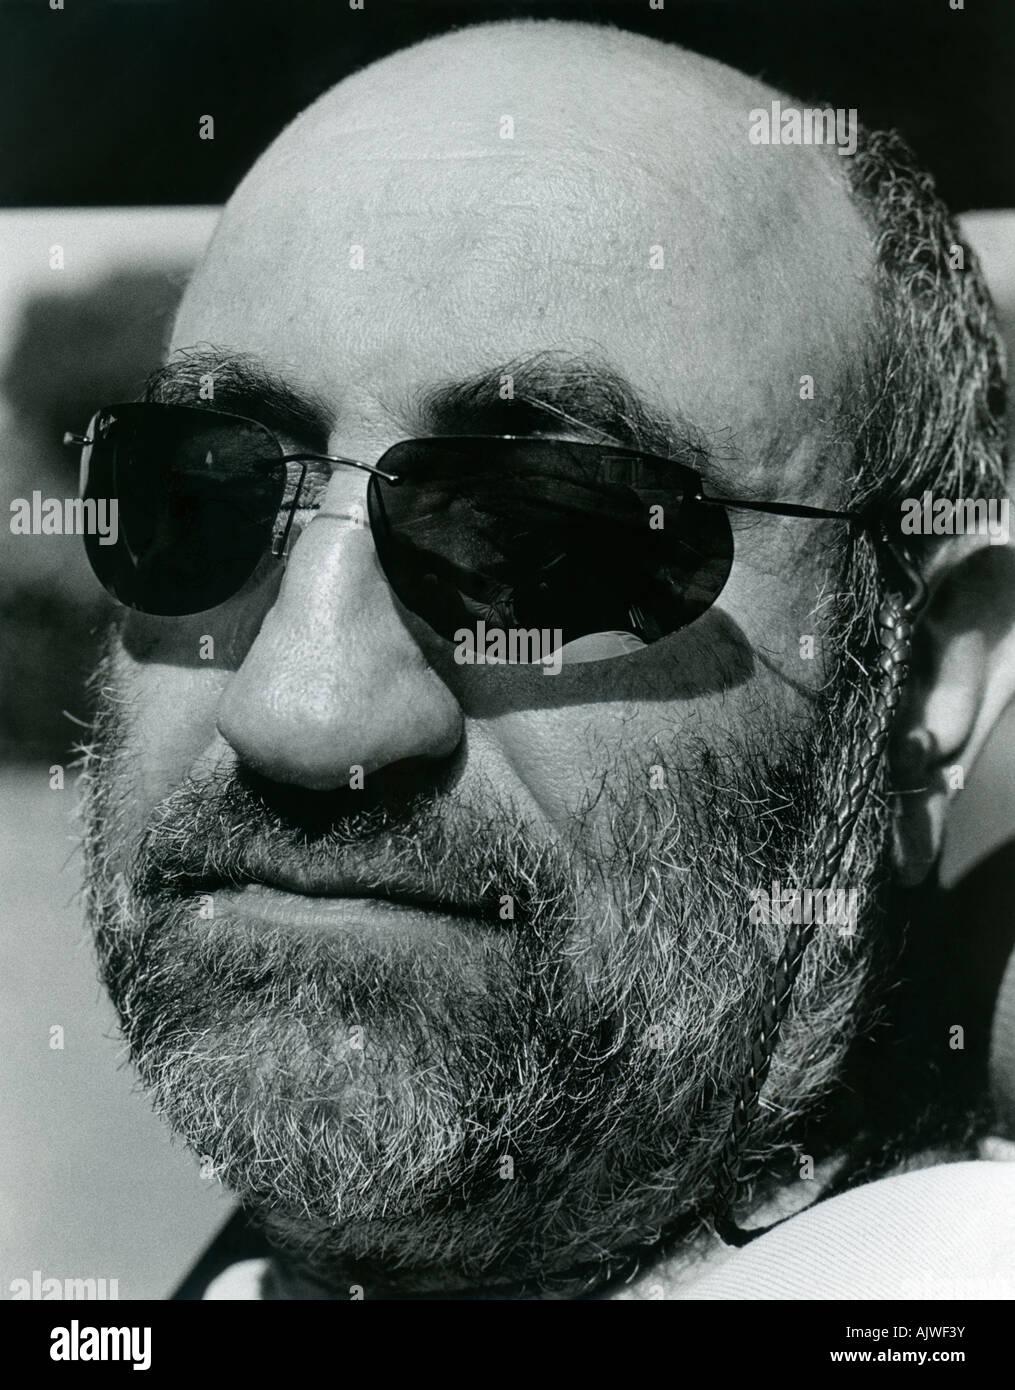 Retrato en blanco y negro de hombre barbado (40s) con gafas de sol. Imagen De Stock